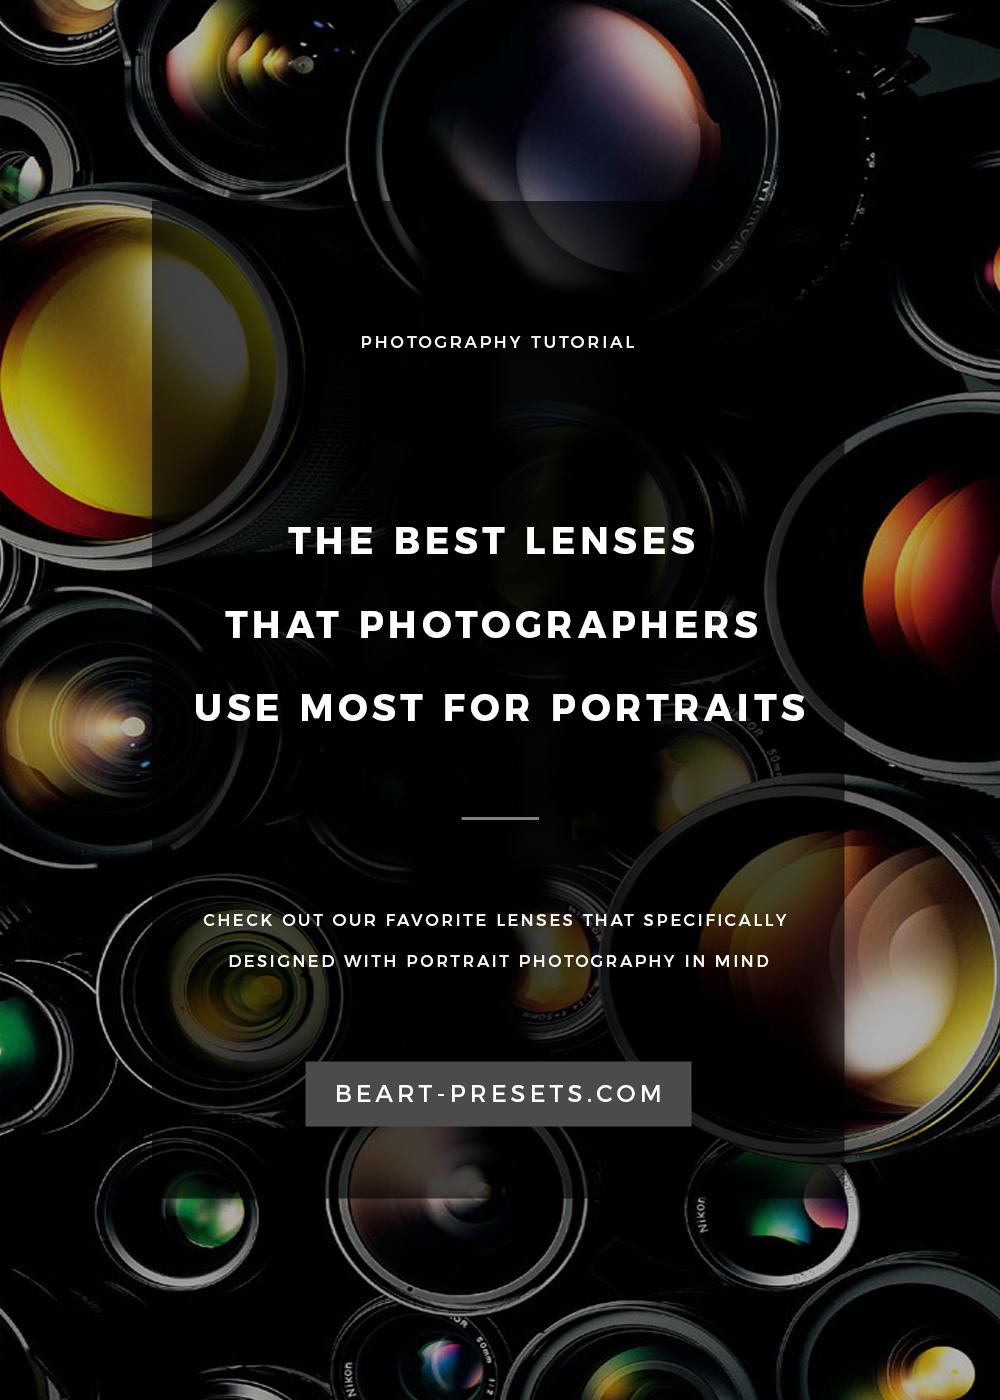 portrait lenses